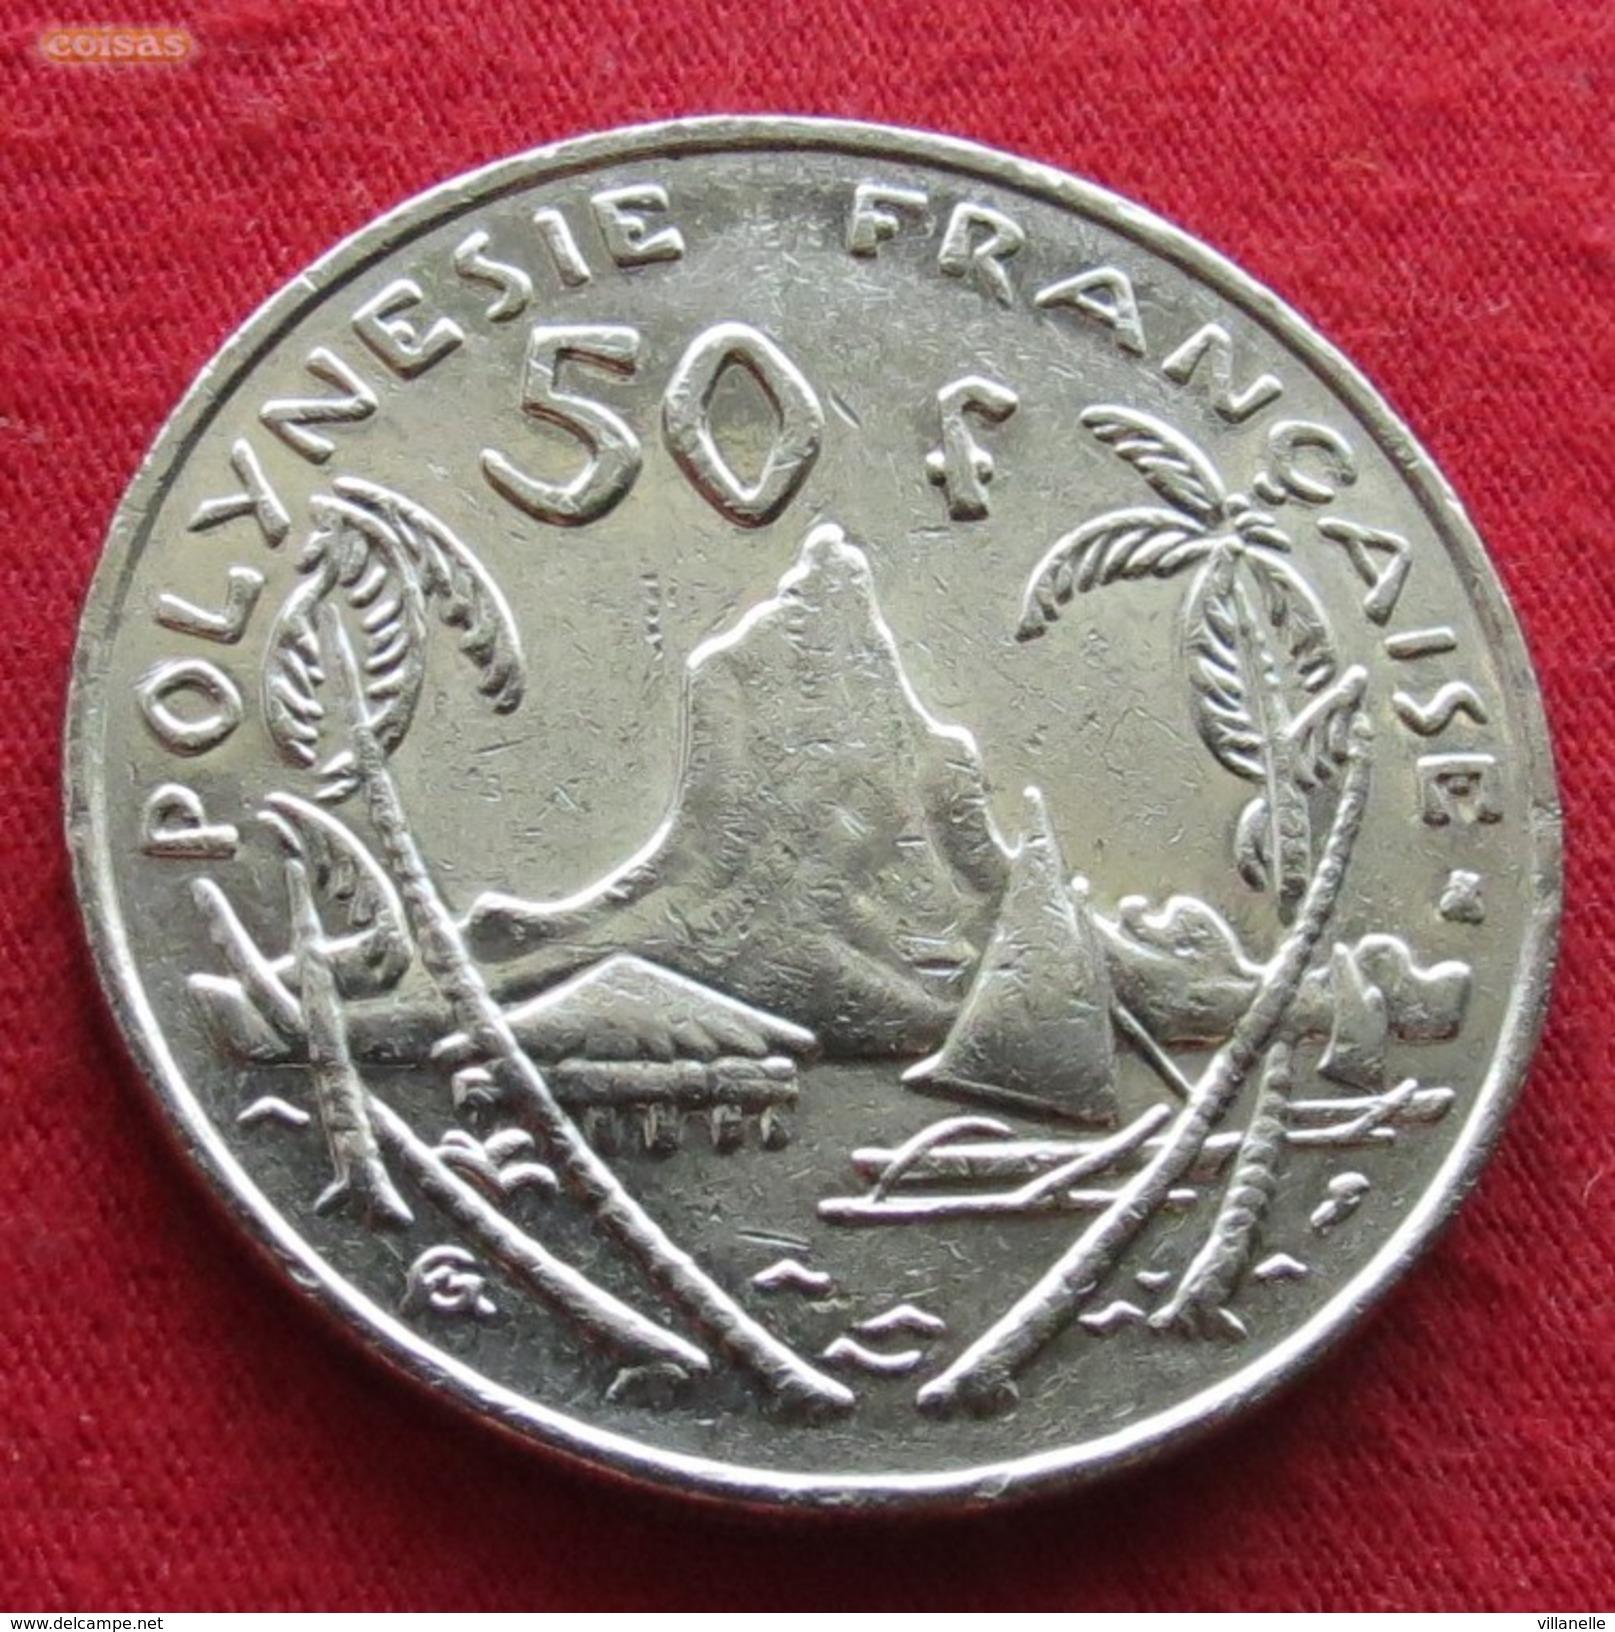 French Polynesia 50 Francs 1998 KM# 13 Polynesie Polinesia - Polynésie Française